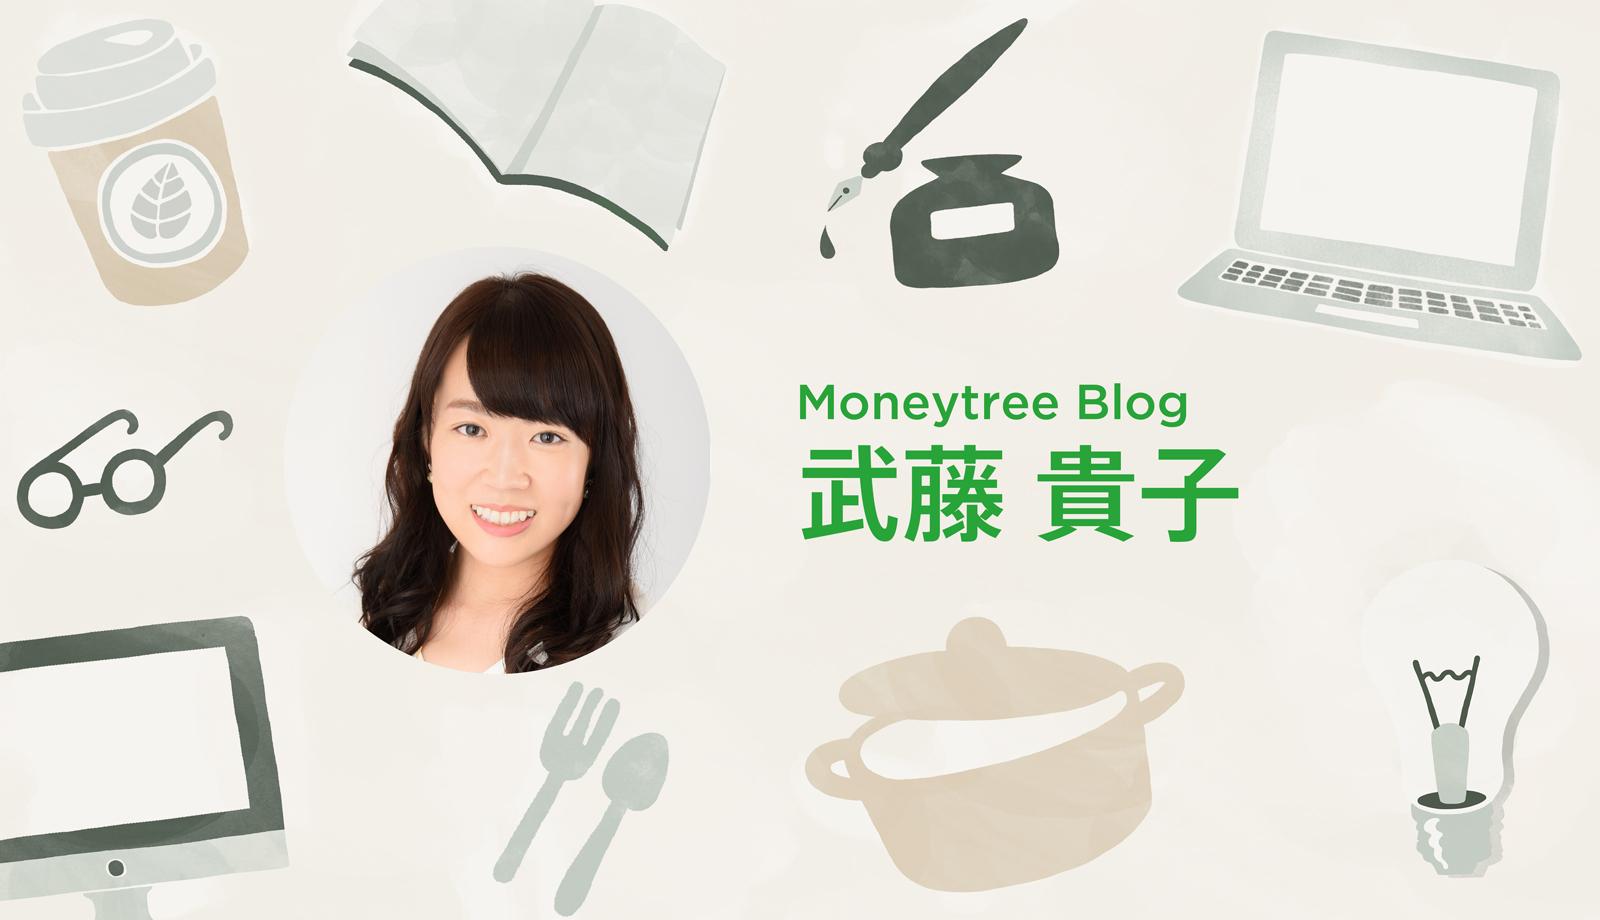 忙しい共働き家庭でも失敗しないアプリで簡単、家計管理法